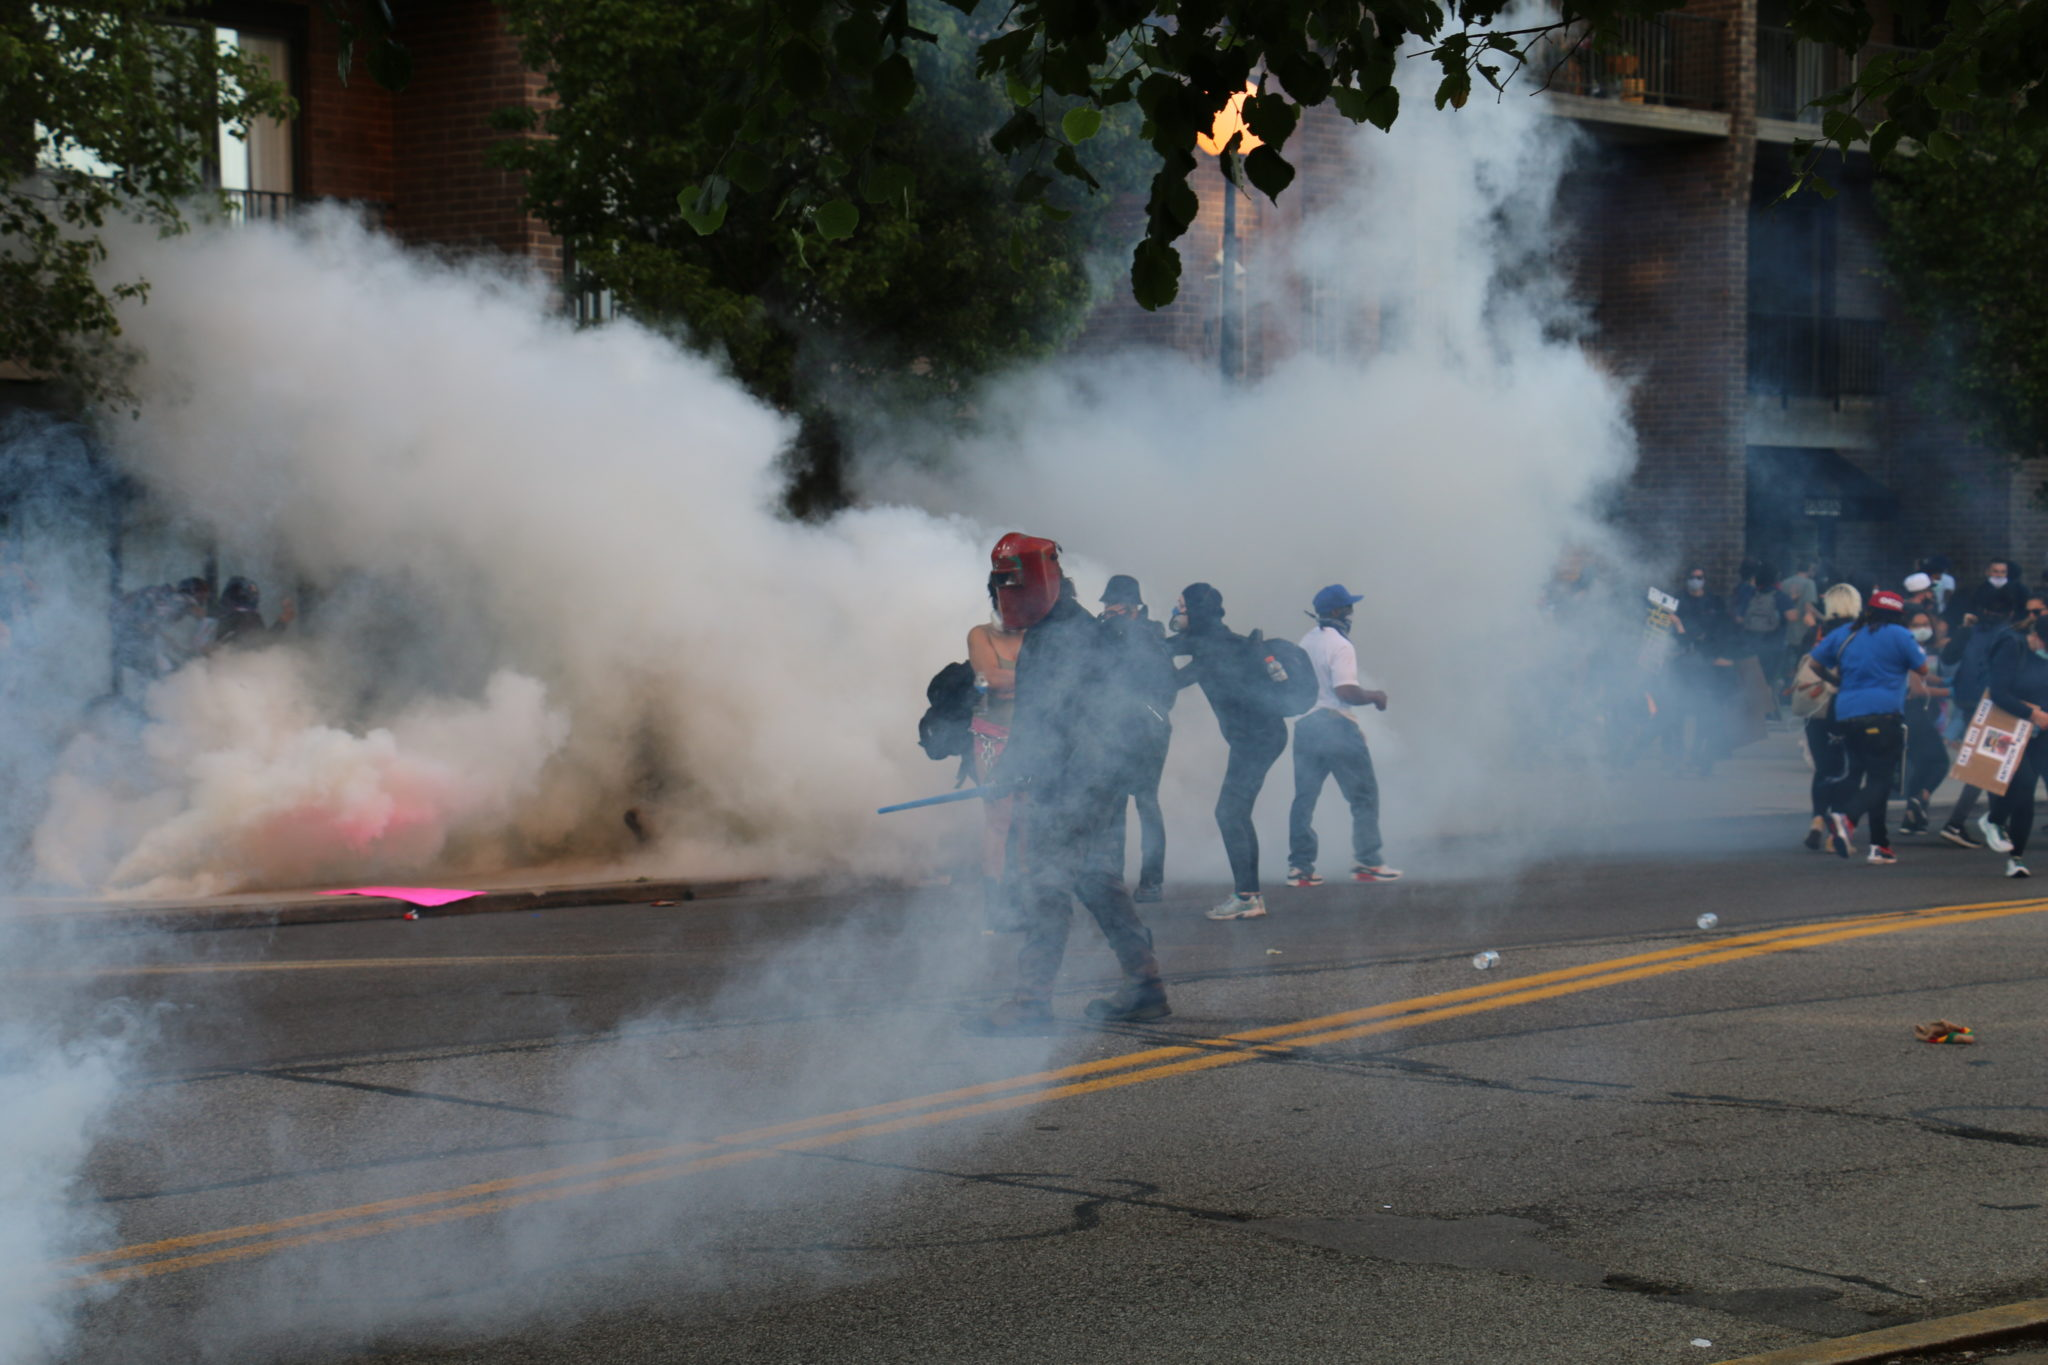 Policías usan gas lacrimógeno y balas de goma contra manifestantes de la marcha Black Lives Matter en East Liberty; 20 detenidos